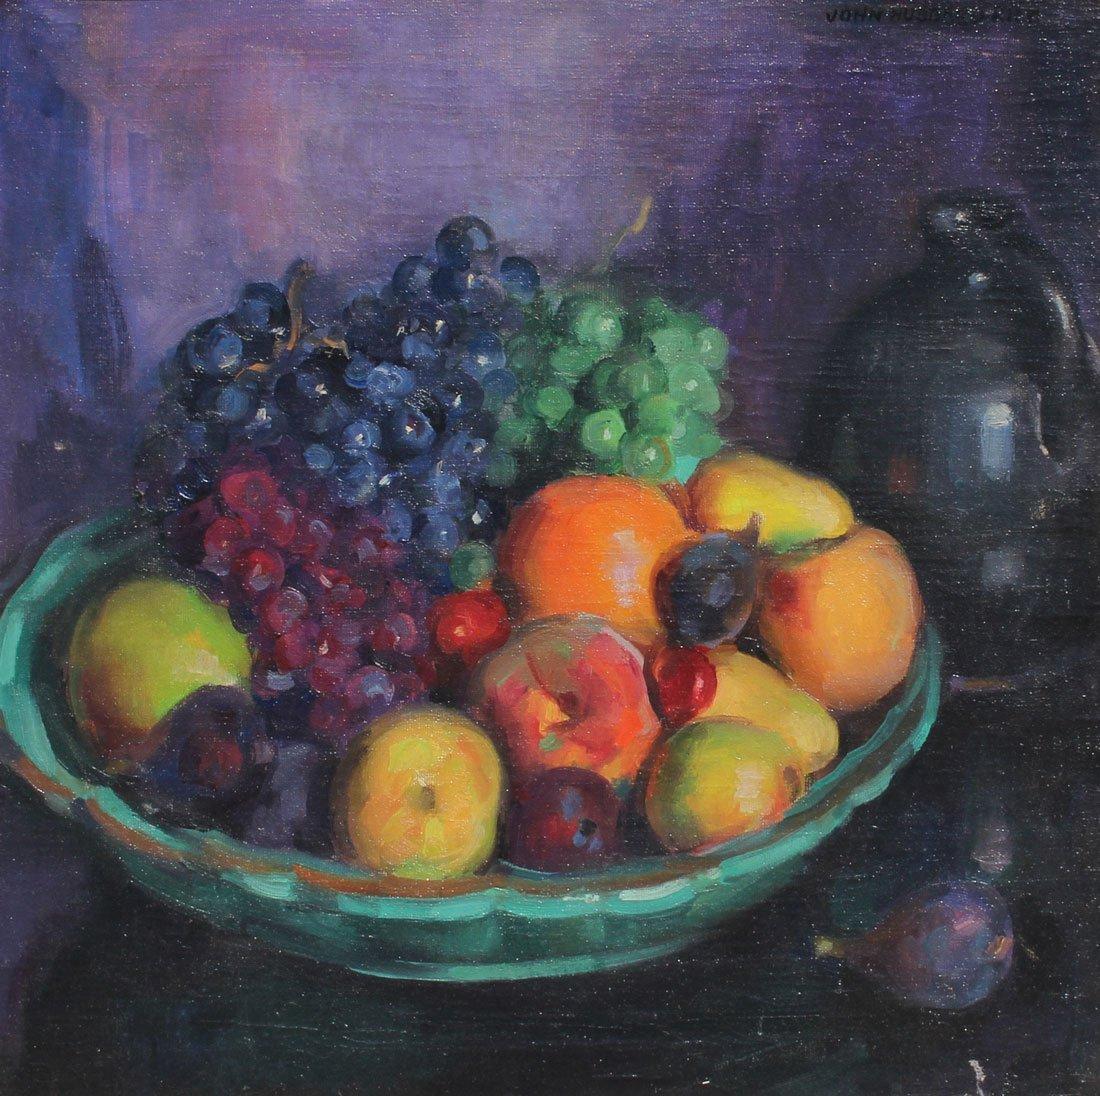 JOHN HUBBARD RICH STILL LIFE PAINTING OF FRUIT